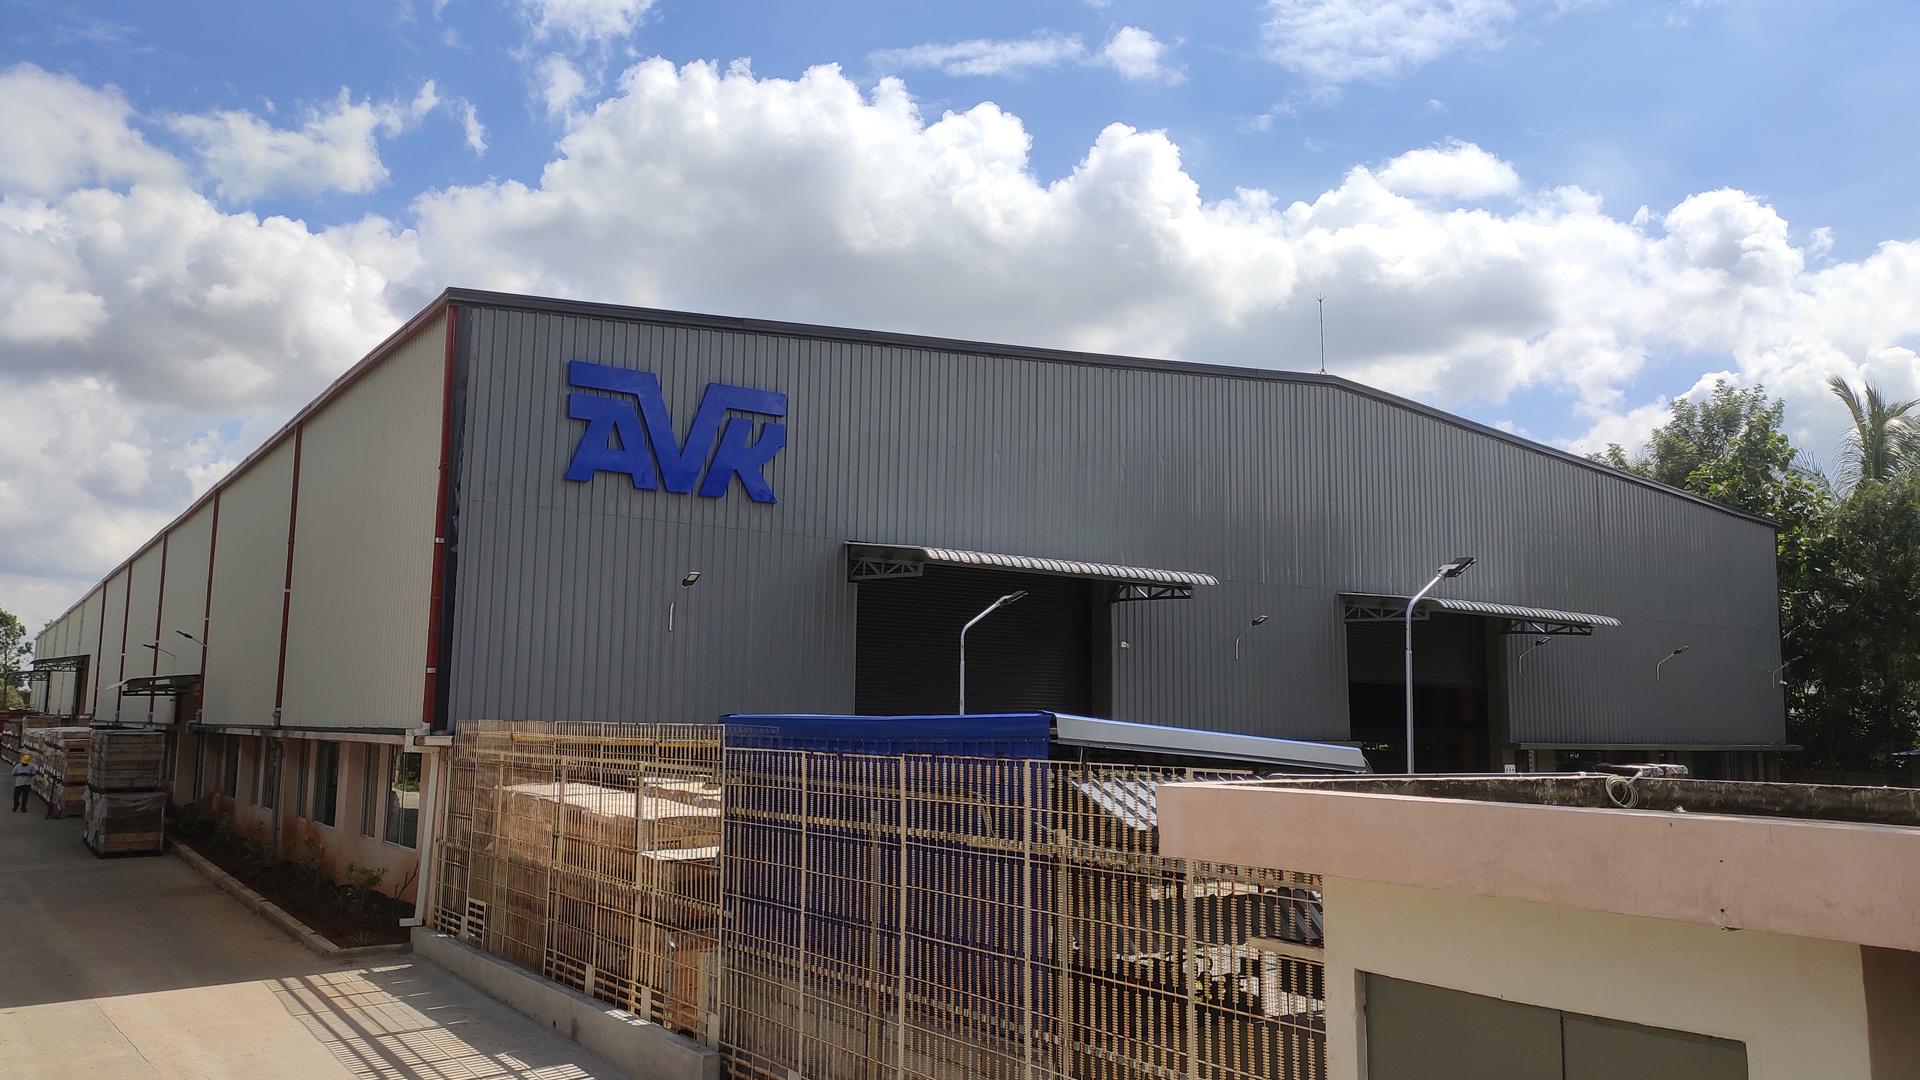 AVK Valves India Pvt Ltd